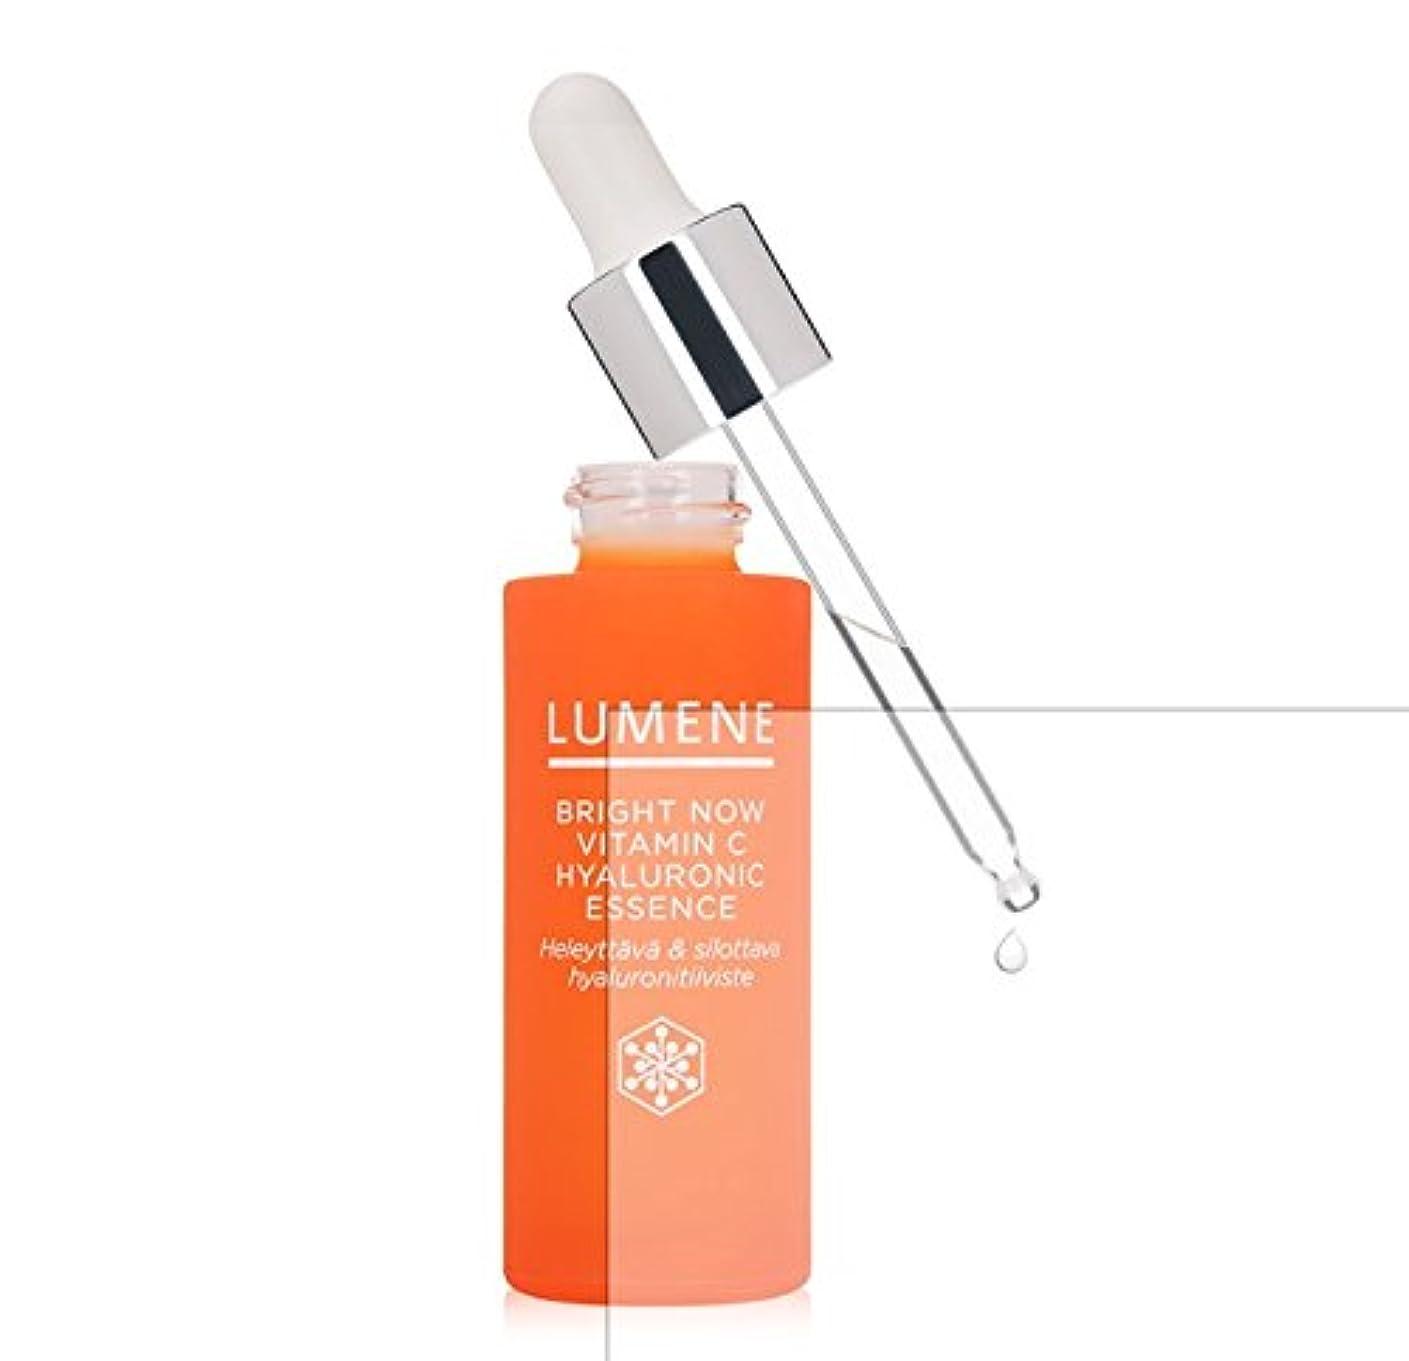 治療競争苦しめるLumene Bright Now Vitamin C Hyaluronic Essence (1 fl oz.) 美容液 [並行輸入品]